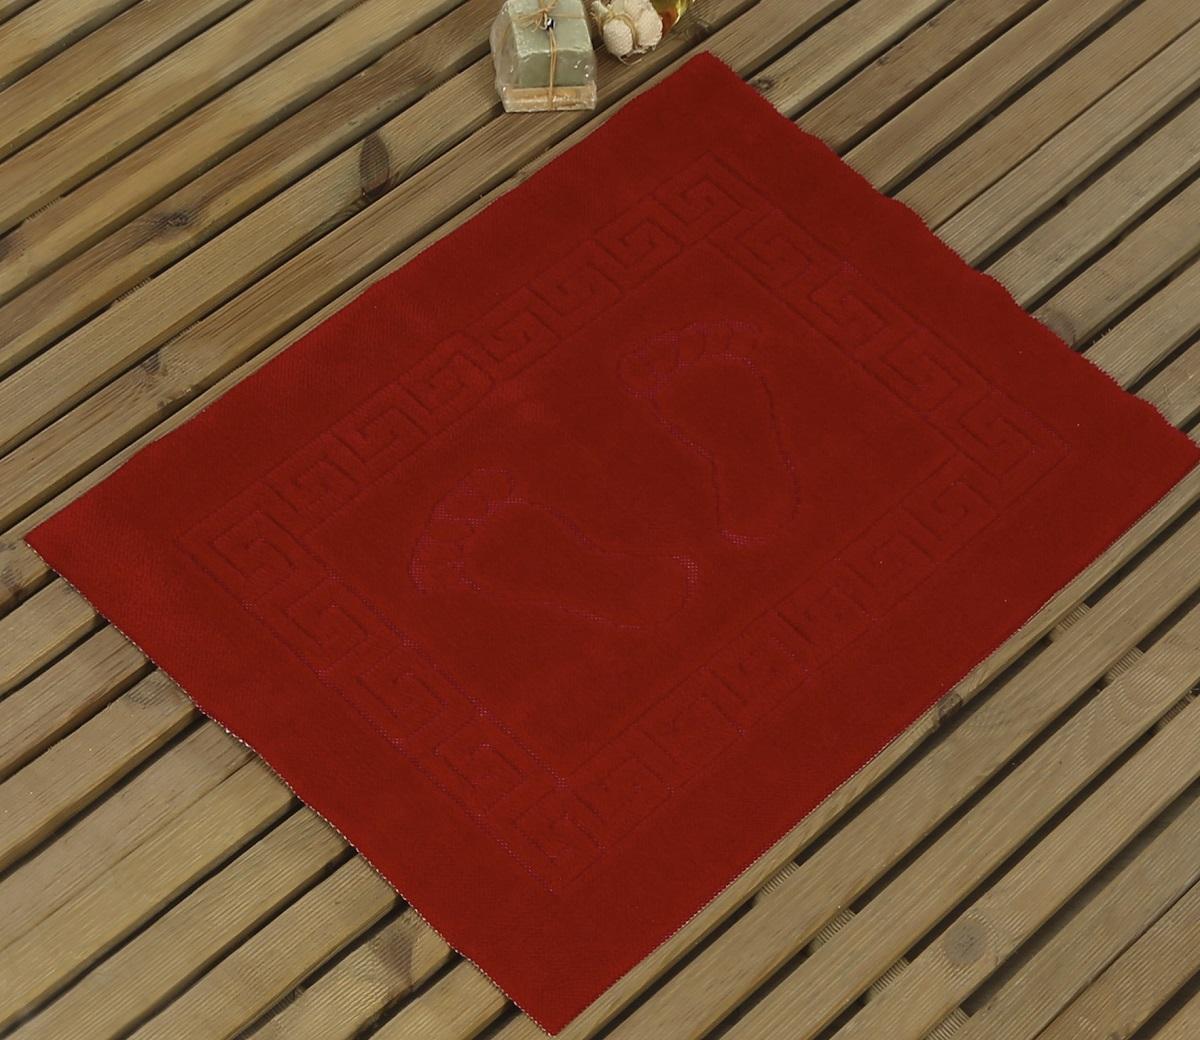 Коврик для ванной Karna Likya , цвет: красный, 50 х 70 см631/CHAR016Коврик печатный Karna сделан из 100% полиэстера. Полиэстер является синтетическим волокном. Ткань, полностью изготовленная из полиэстера, даже после увлажнения, очень быстро сохнет. Коврик из полиэстера практически не требователен к уходу и обладает высокой устойчивостью к износу.Коврик из полиэстера не мнётся и легко стирается, после стирки очень быстро высыхает. Материал очень прочный, за время использования не растягивается и не садится. А так же обладает высокой влагонепроницаемостью.Размер: 50 х 70 см.